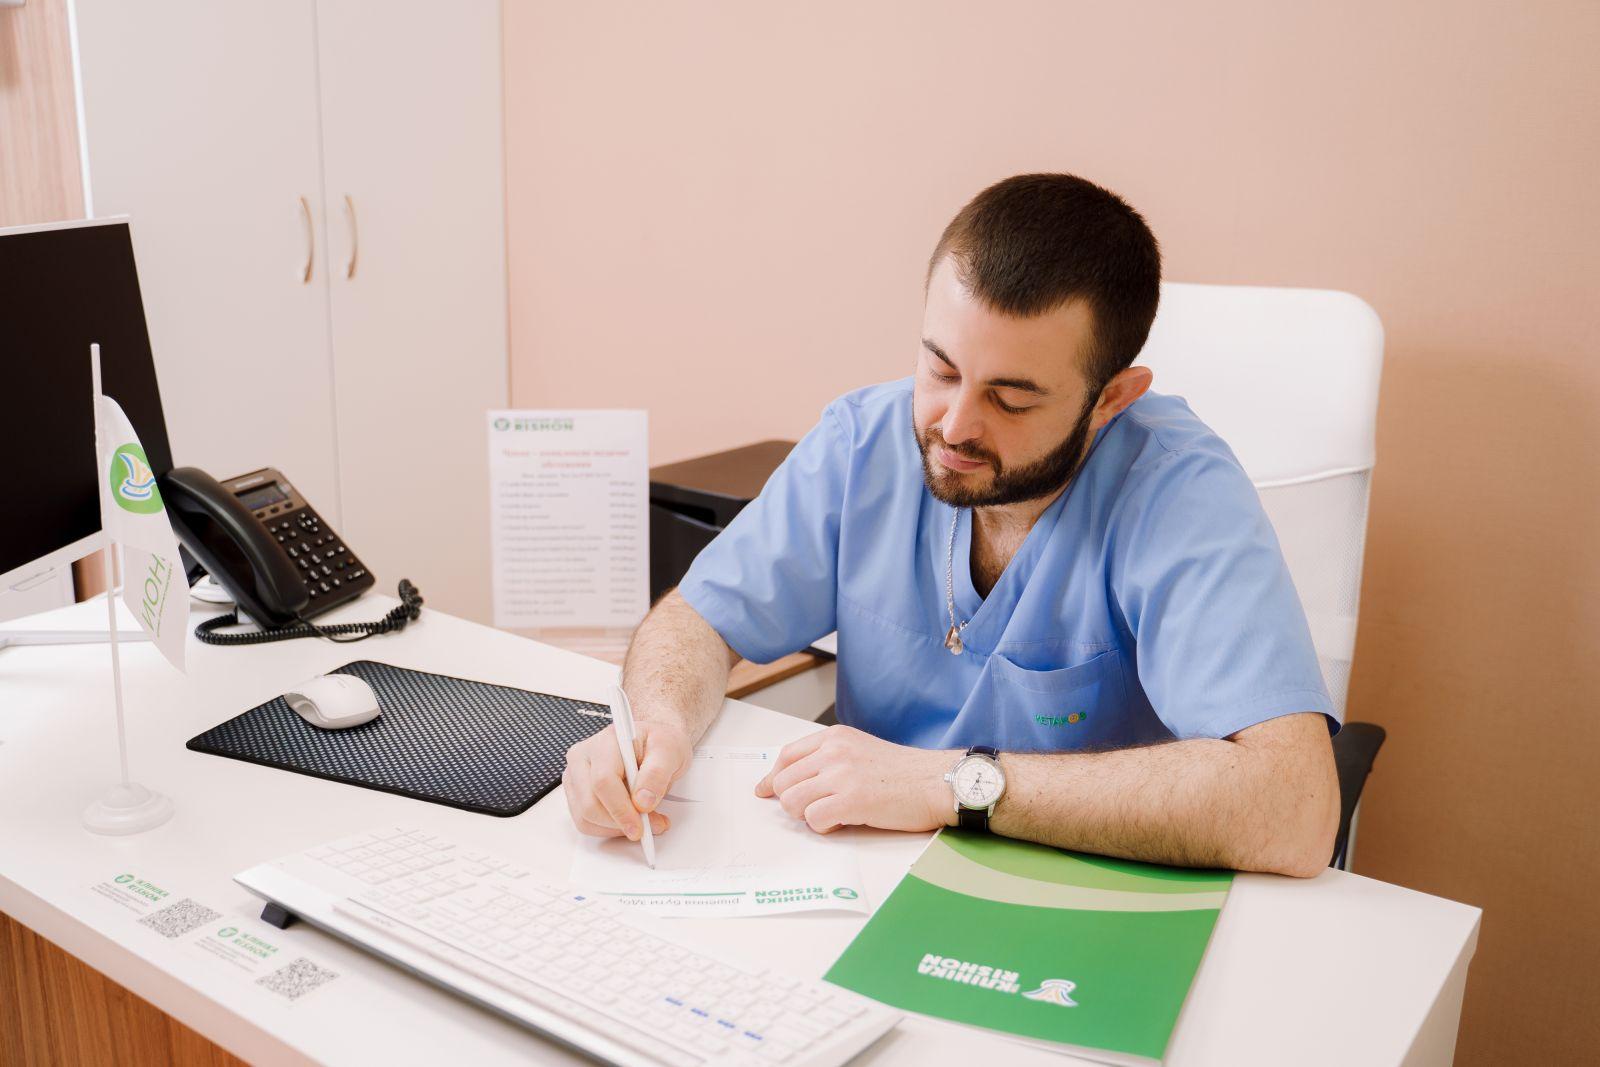 консультація уролога з УЗД - 580 грн